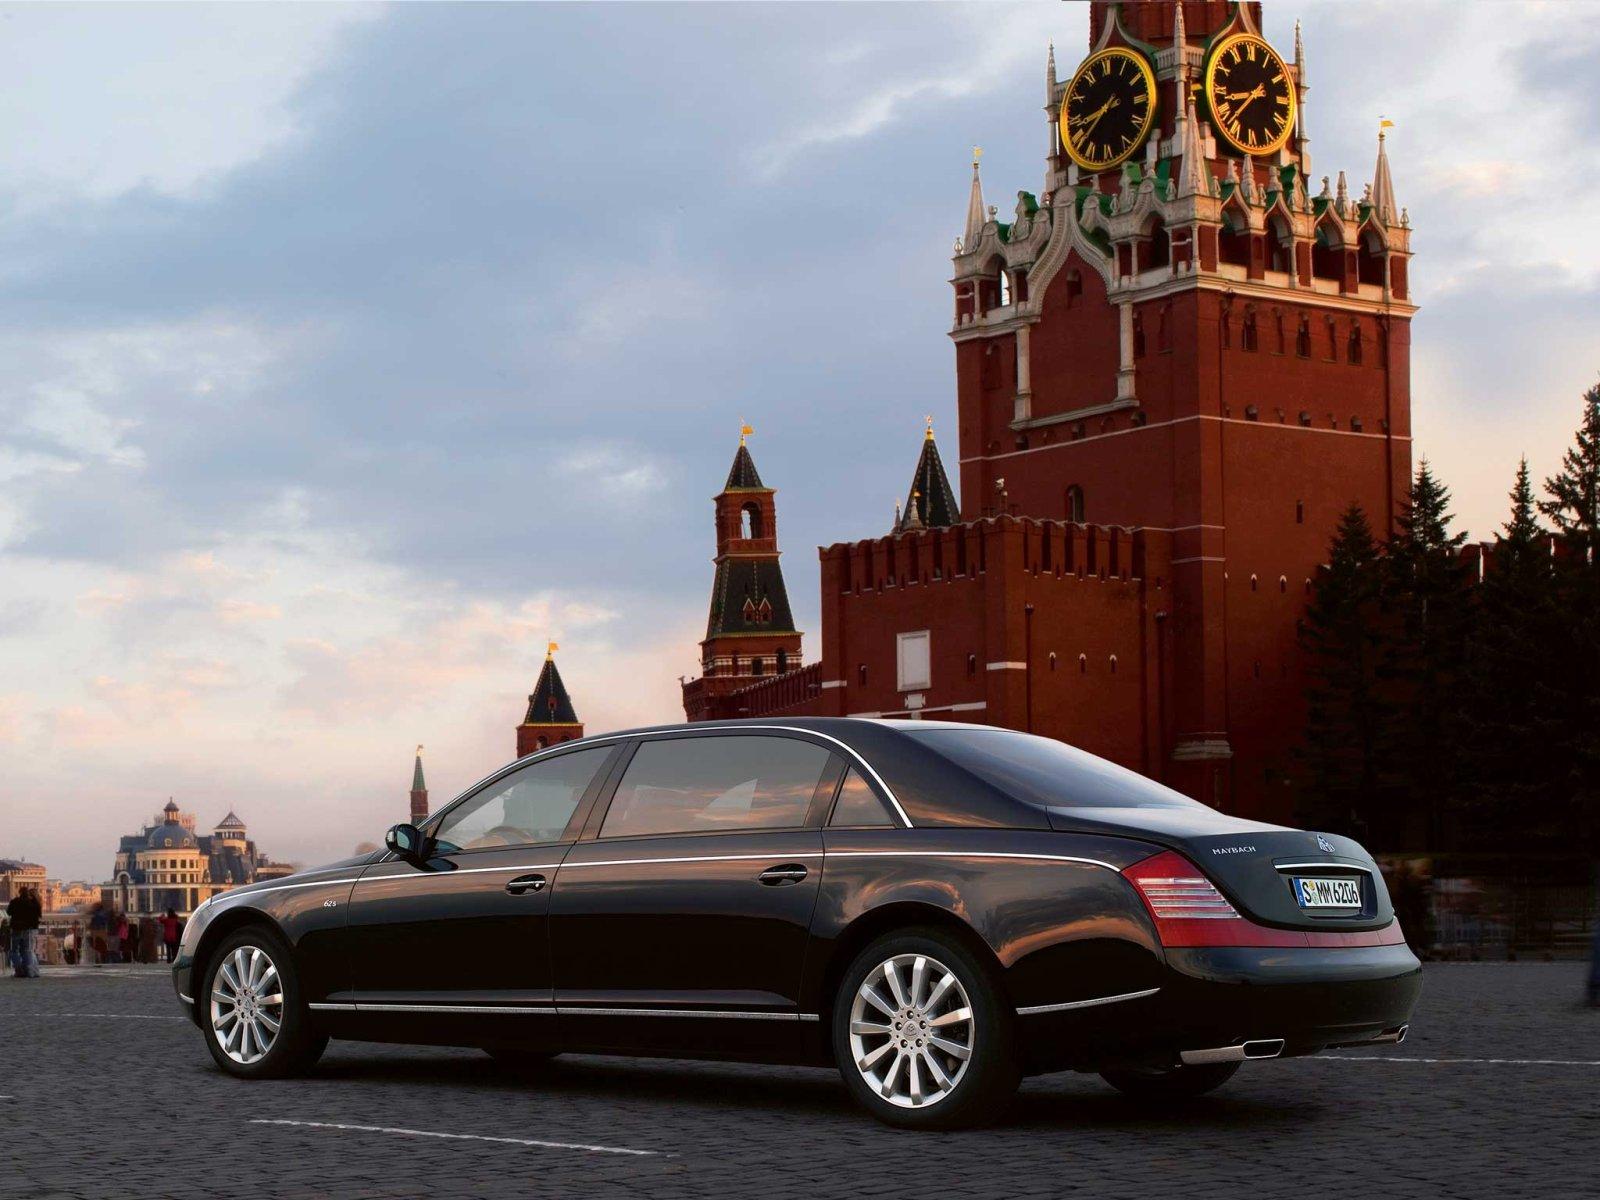 Скачать москва, кремль, фото, обои, картинка #14824 - FxFp.ru.